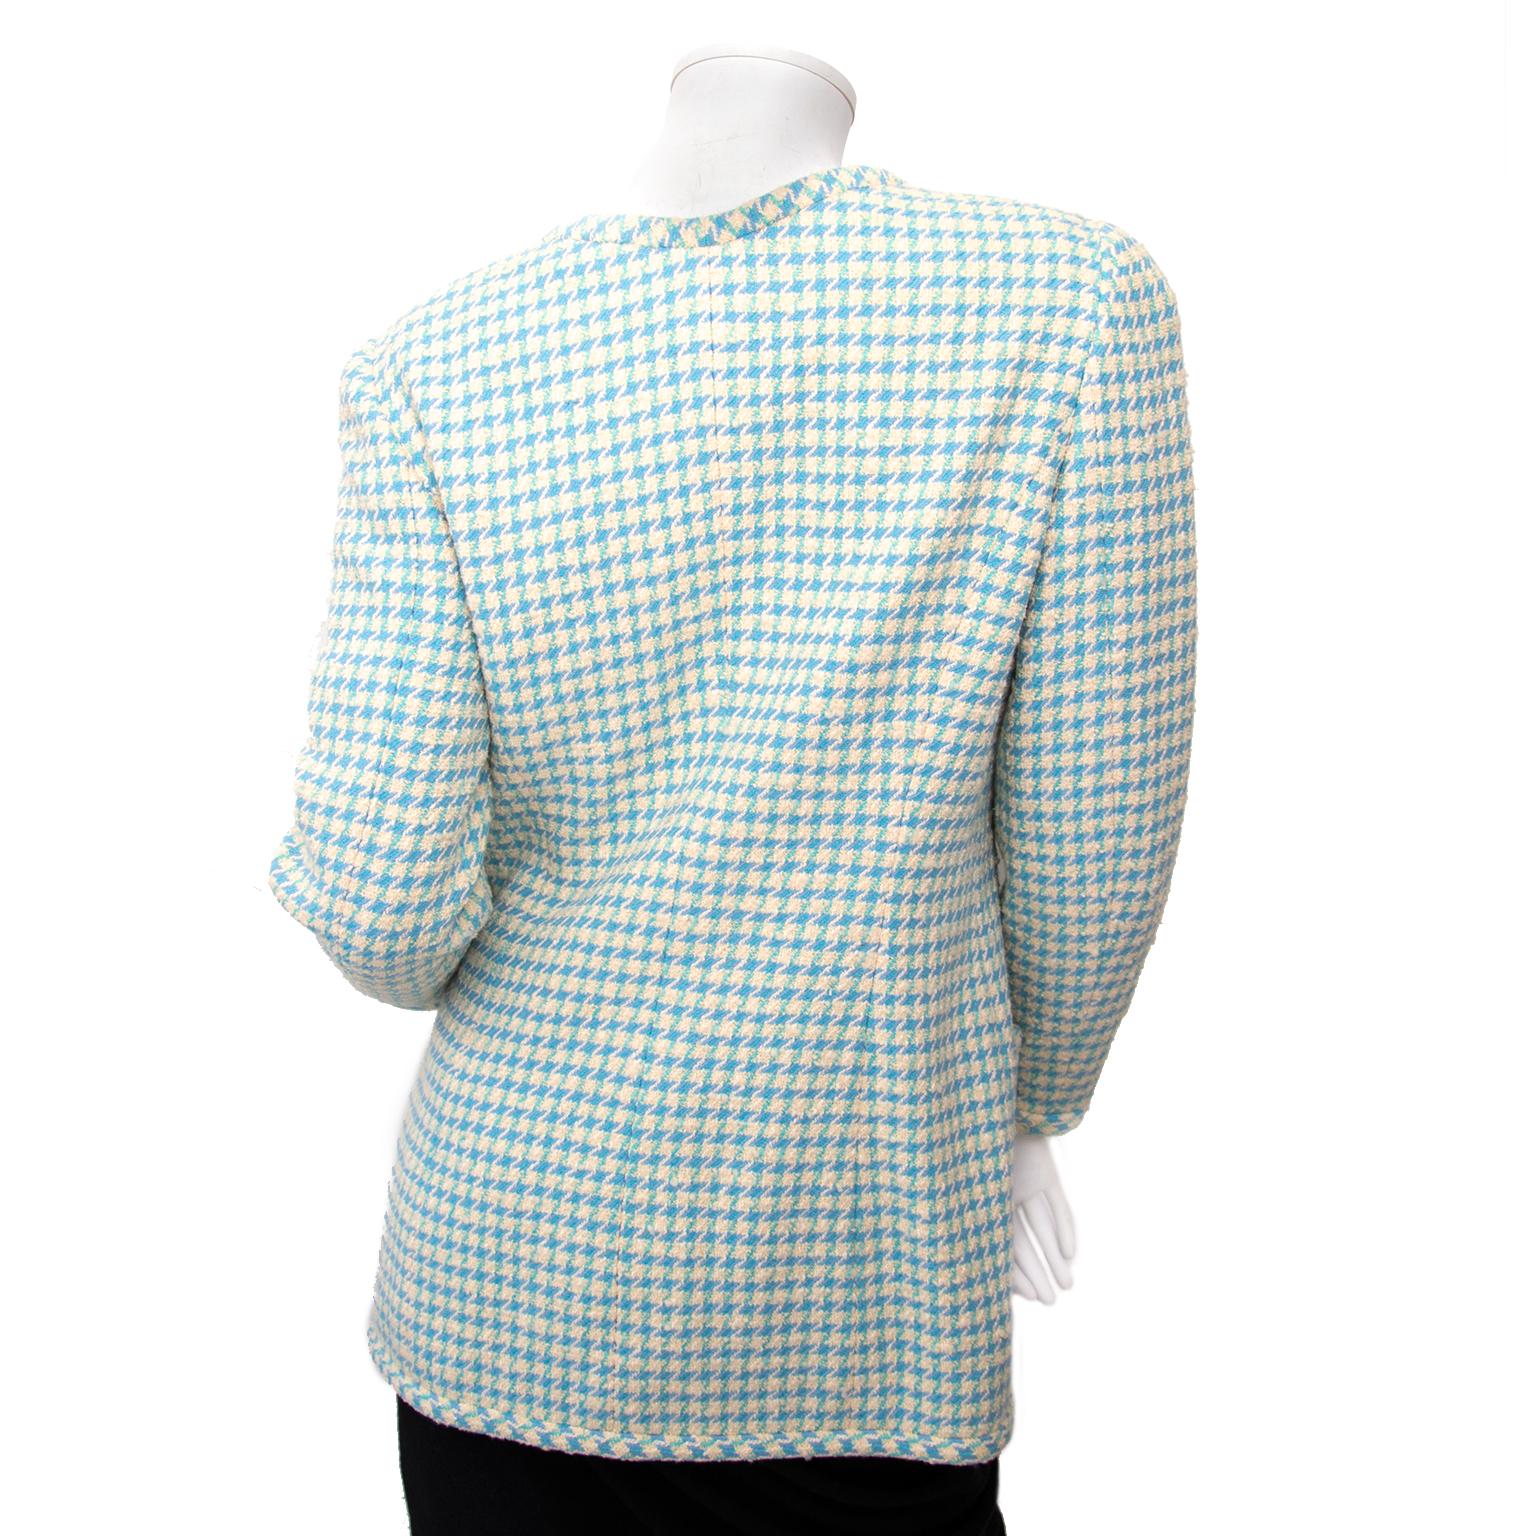 Acheter secur en ligne pour le meilleur prix Chanel Baby Blue Pied-de-Poule Vest - Size 38